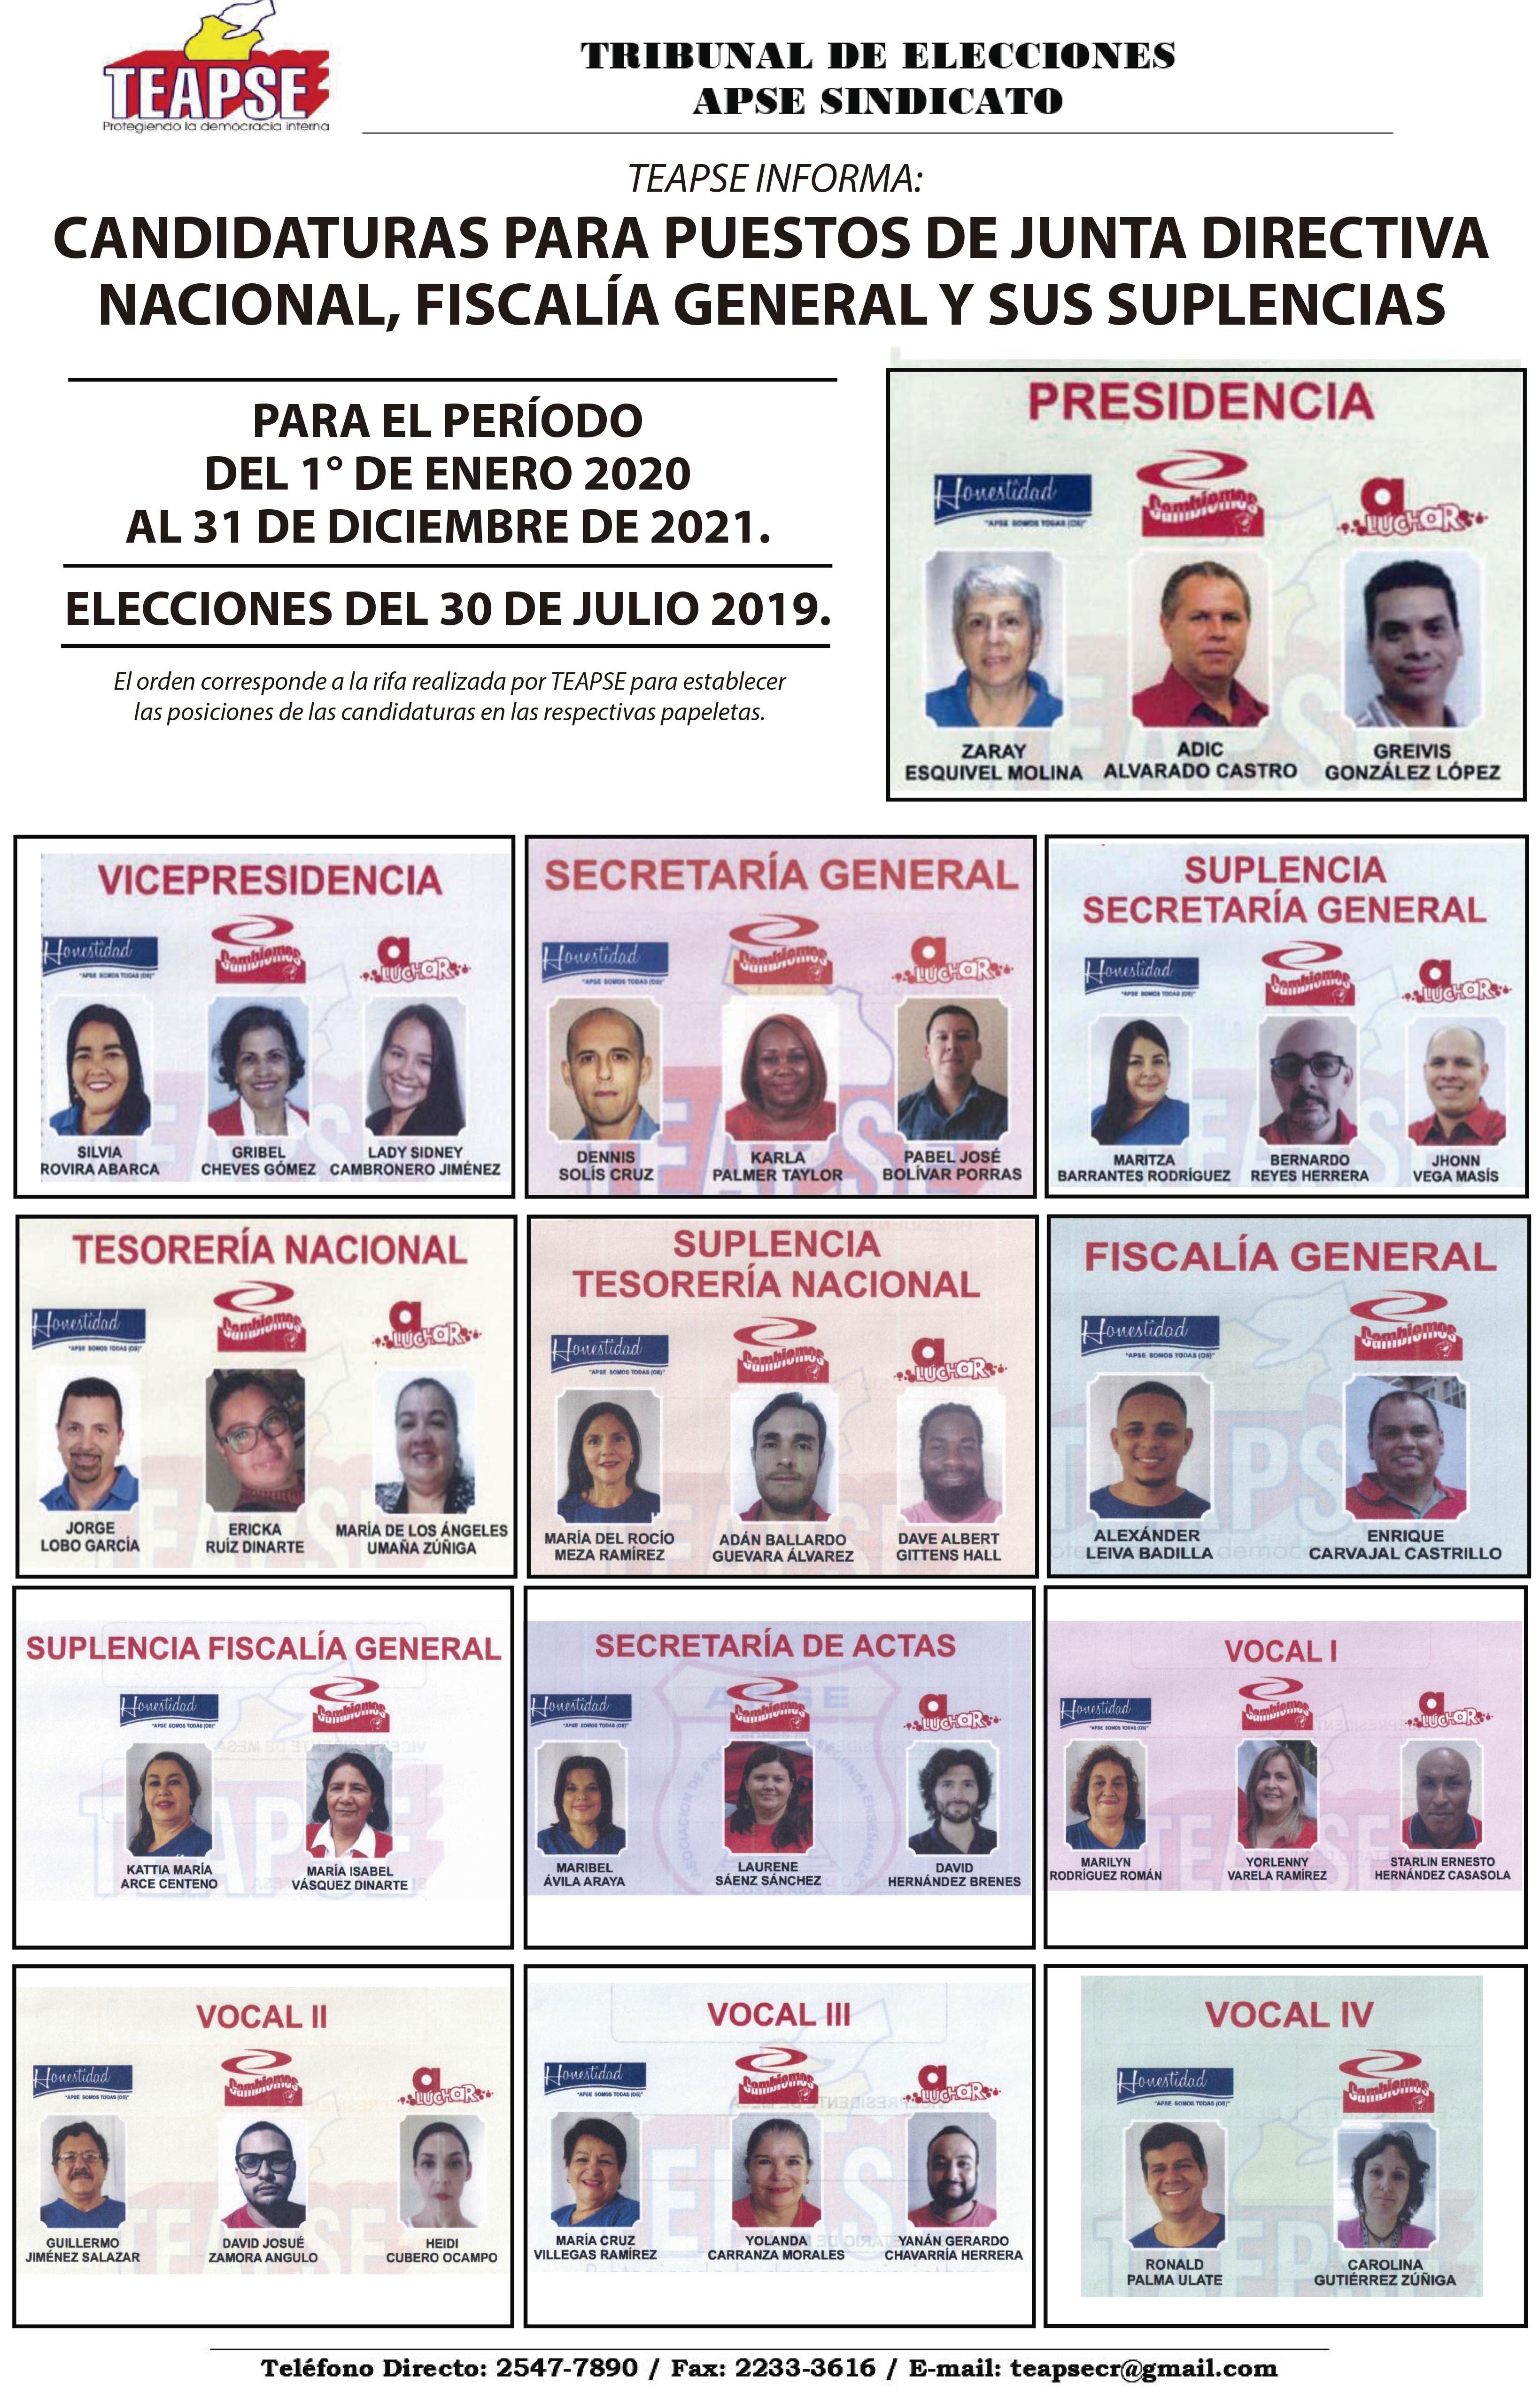 TEAPSE INFORMA:  CANDIDATURAS NACIONALES PARA JUNTA DIRECTIVA, FISCALÍA Y SUPLENCIAS, PERÍODO 2020-2021